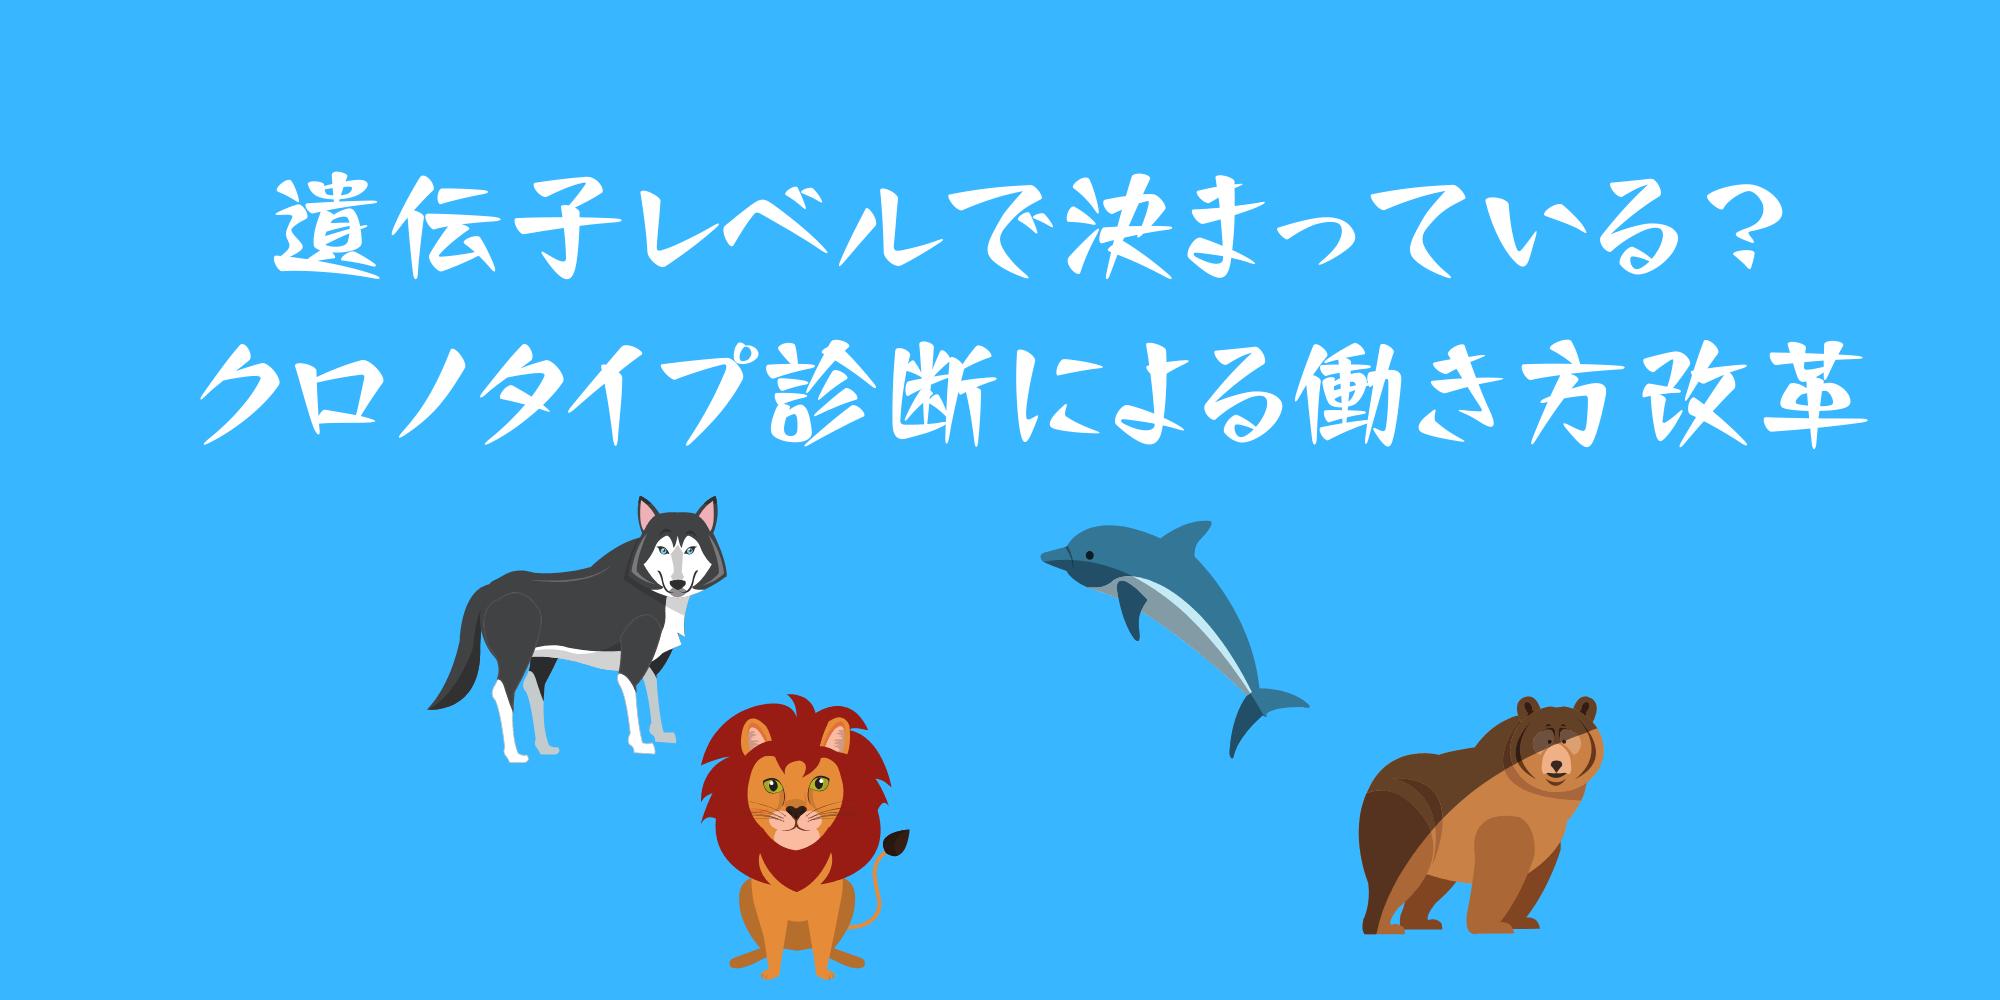 タイプ オオカミ クロノ